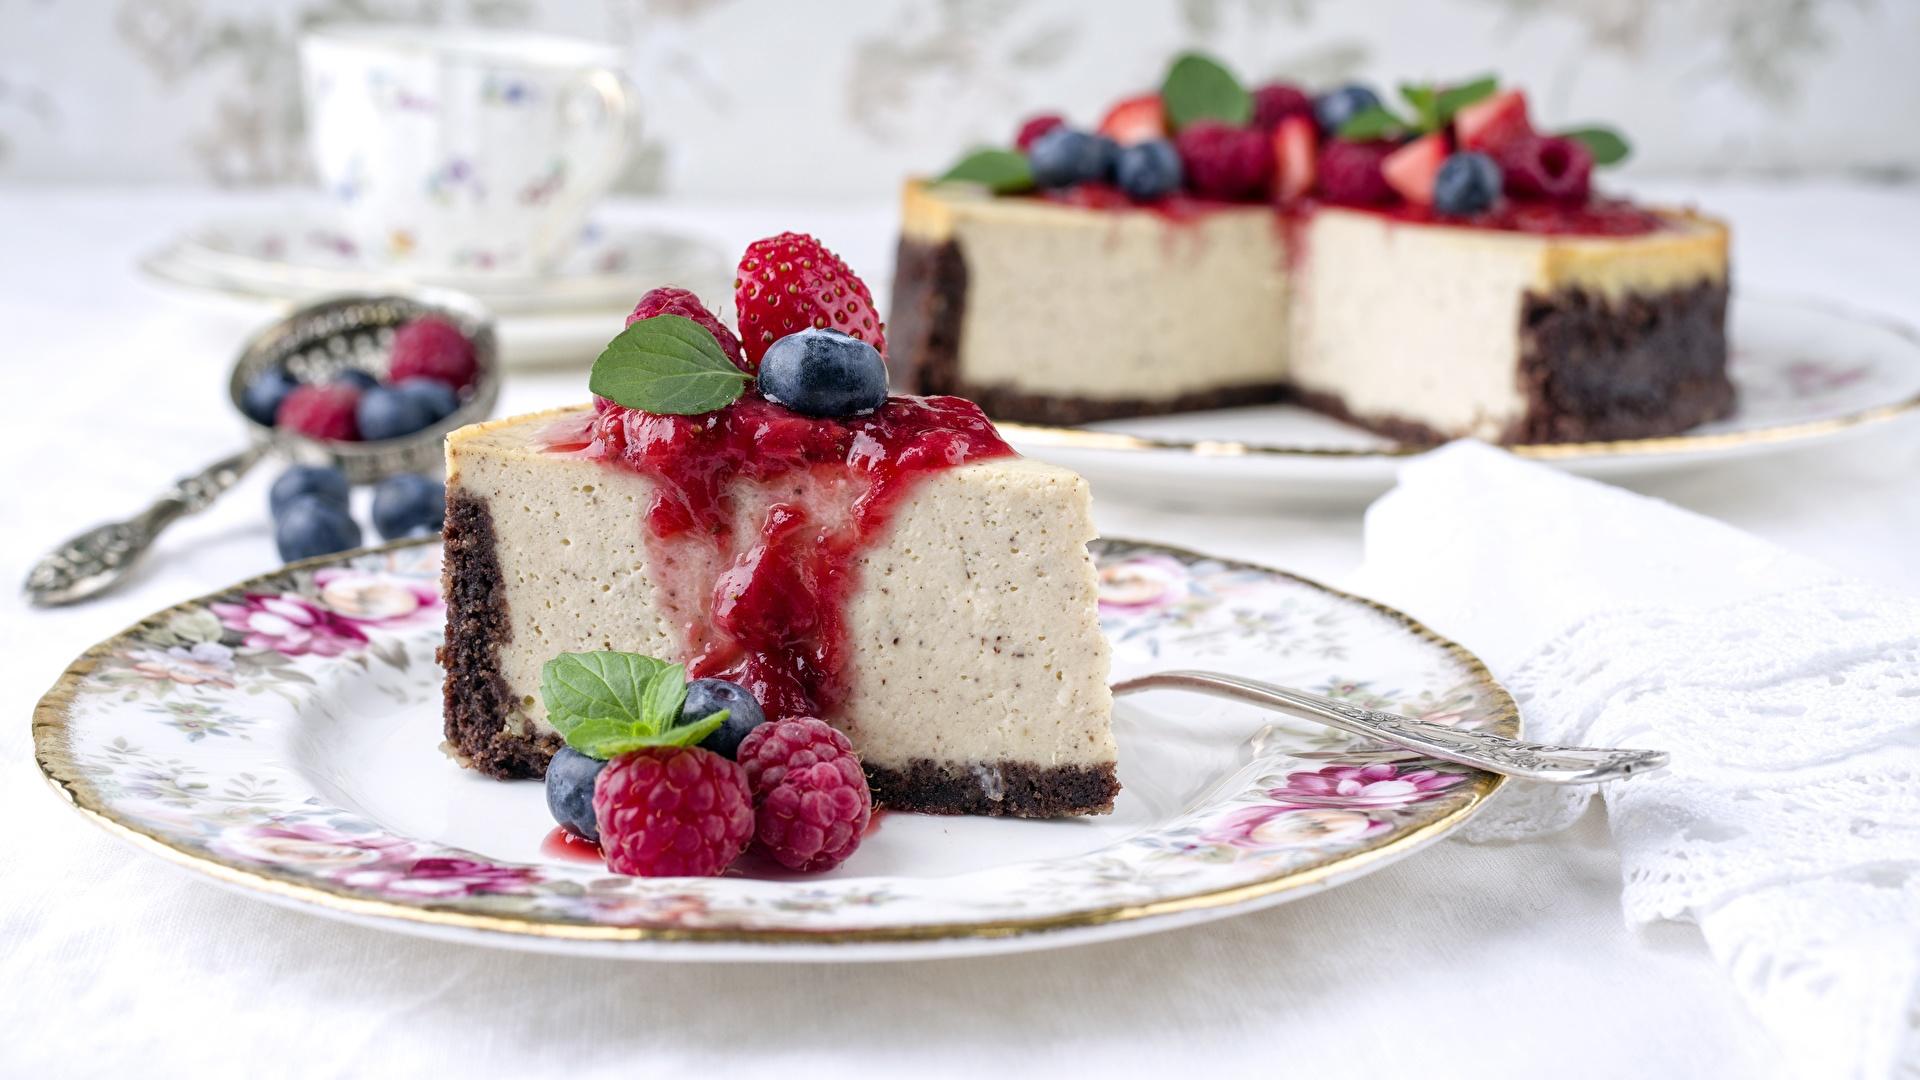 Фото Cheesecake Кусок Малина Тарелка Продукты питания 1920x1080 часть кусочки кусочек Еда Пища тарелке